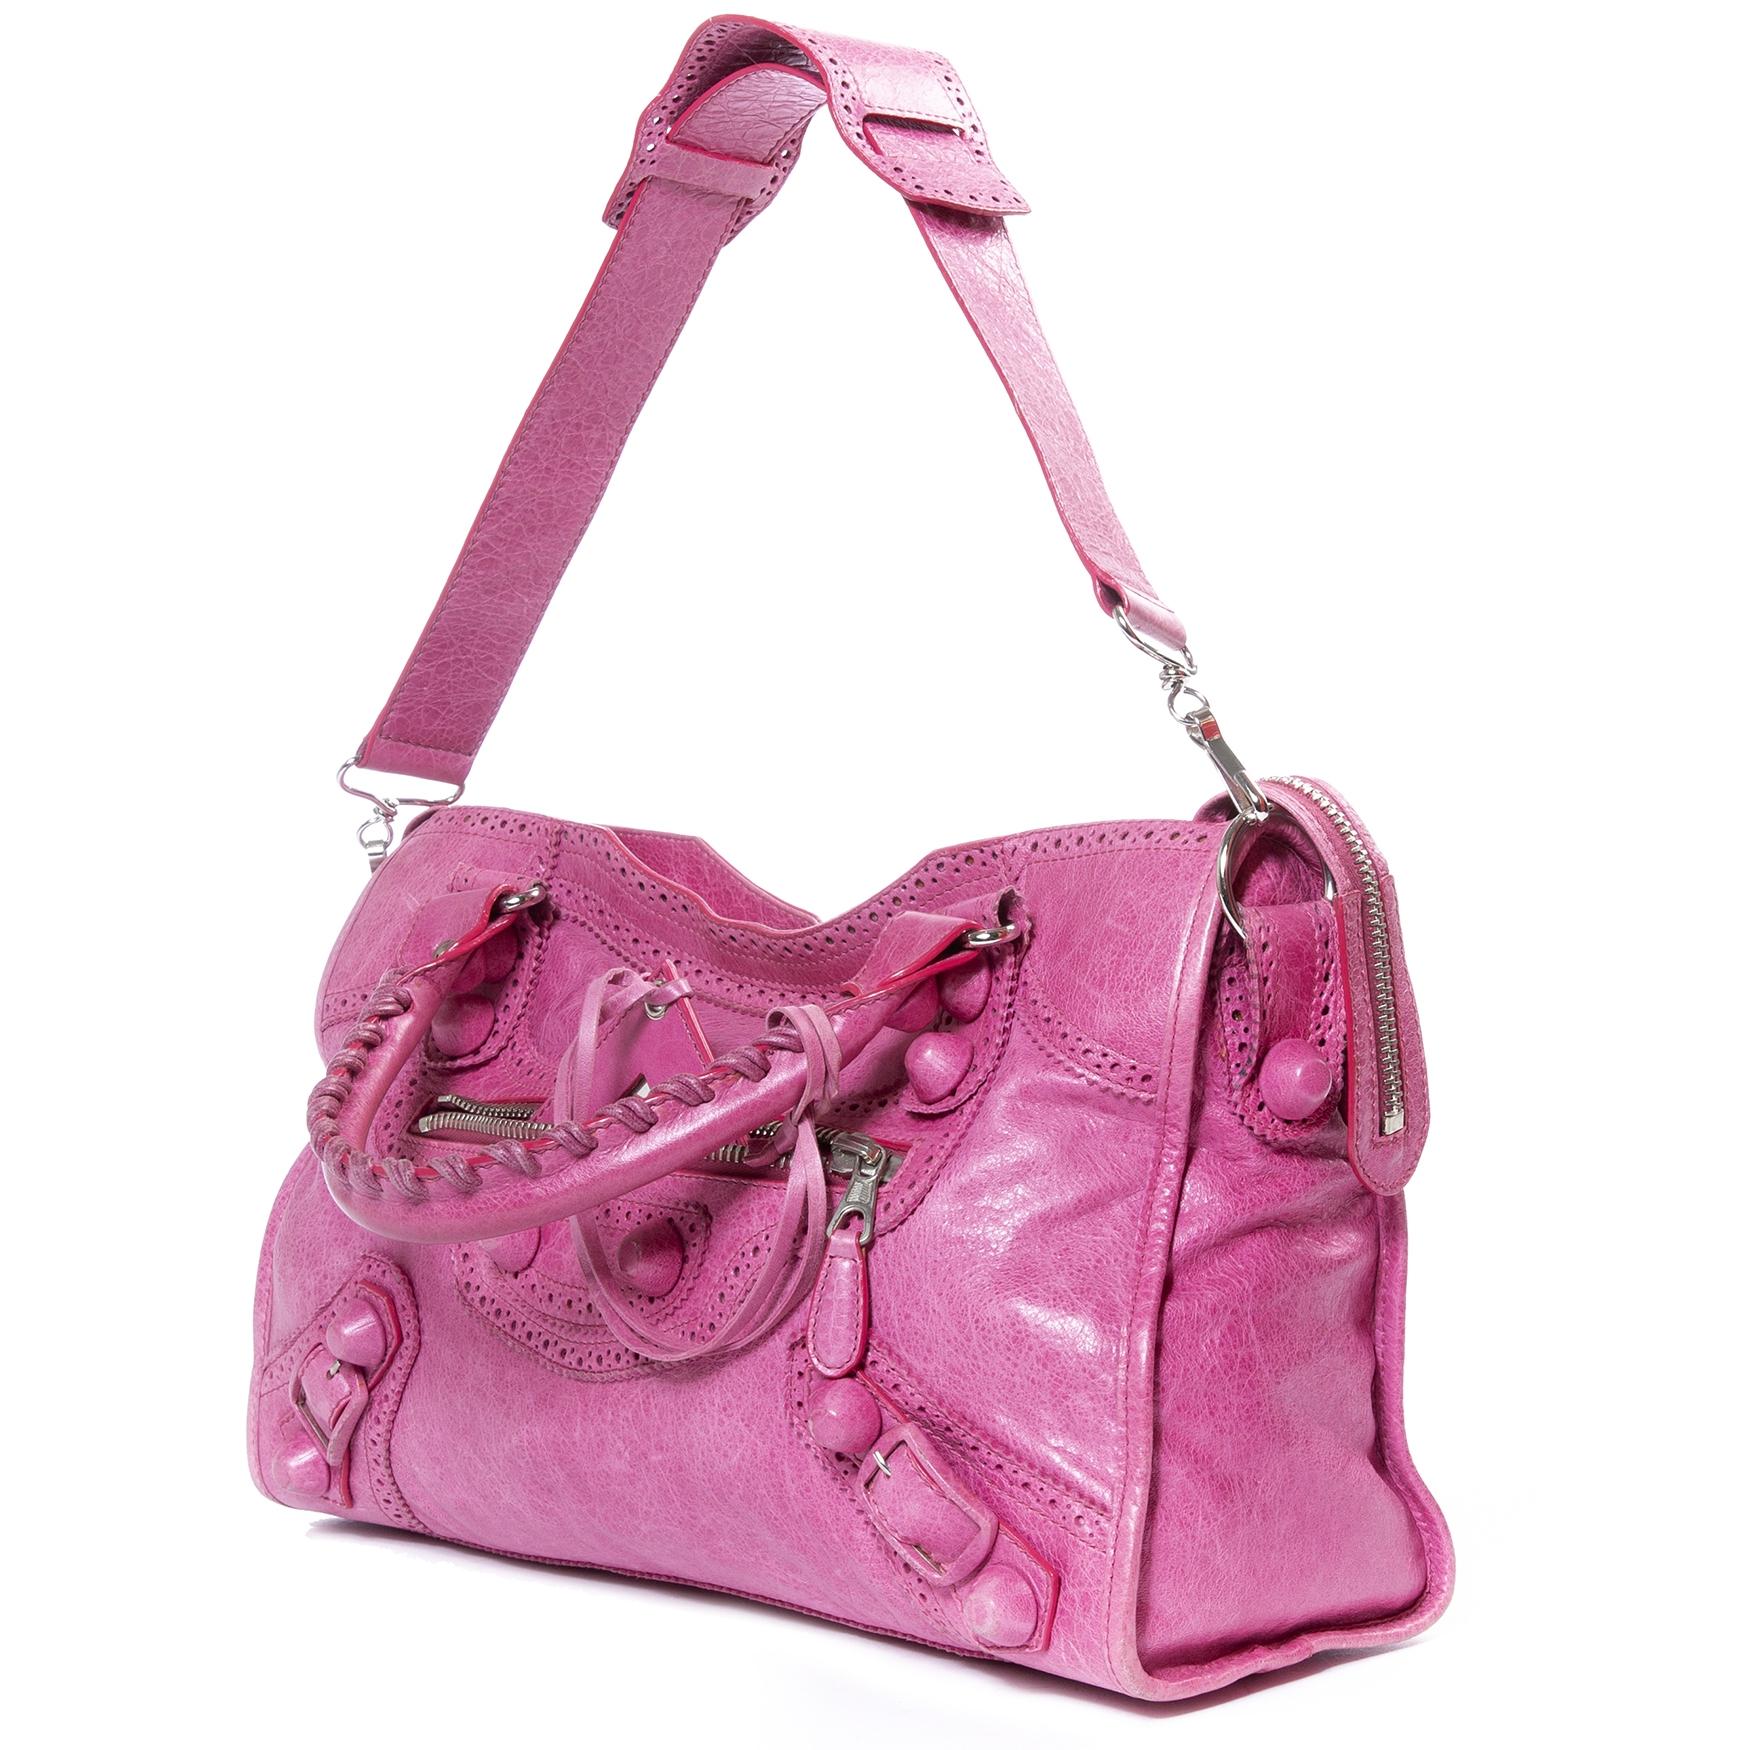 Balenciaga Rose Giant City Bag te koop bij Labellov tweedehands in Antwerpen